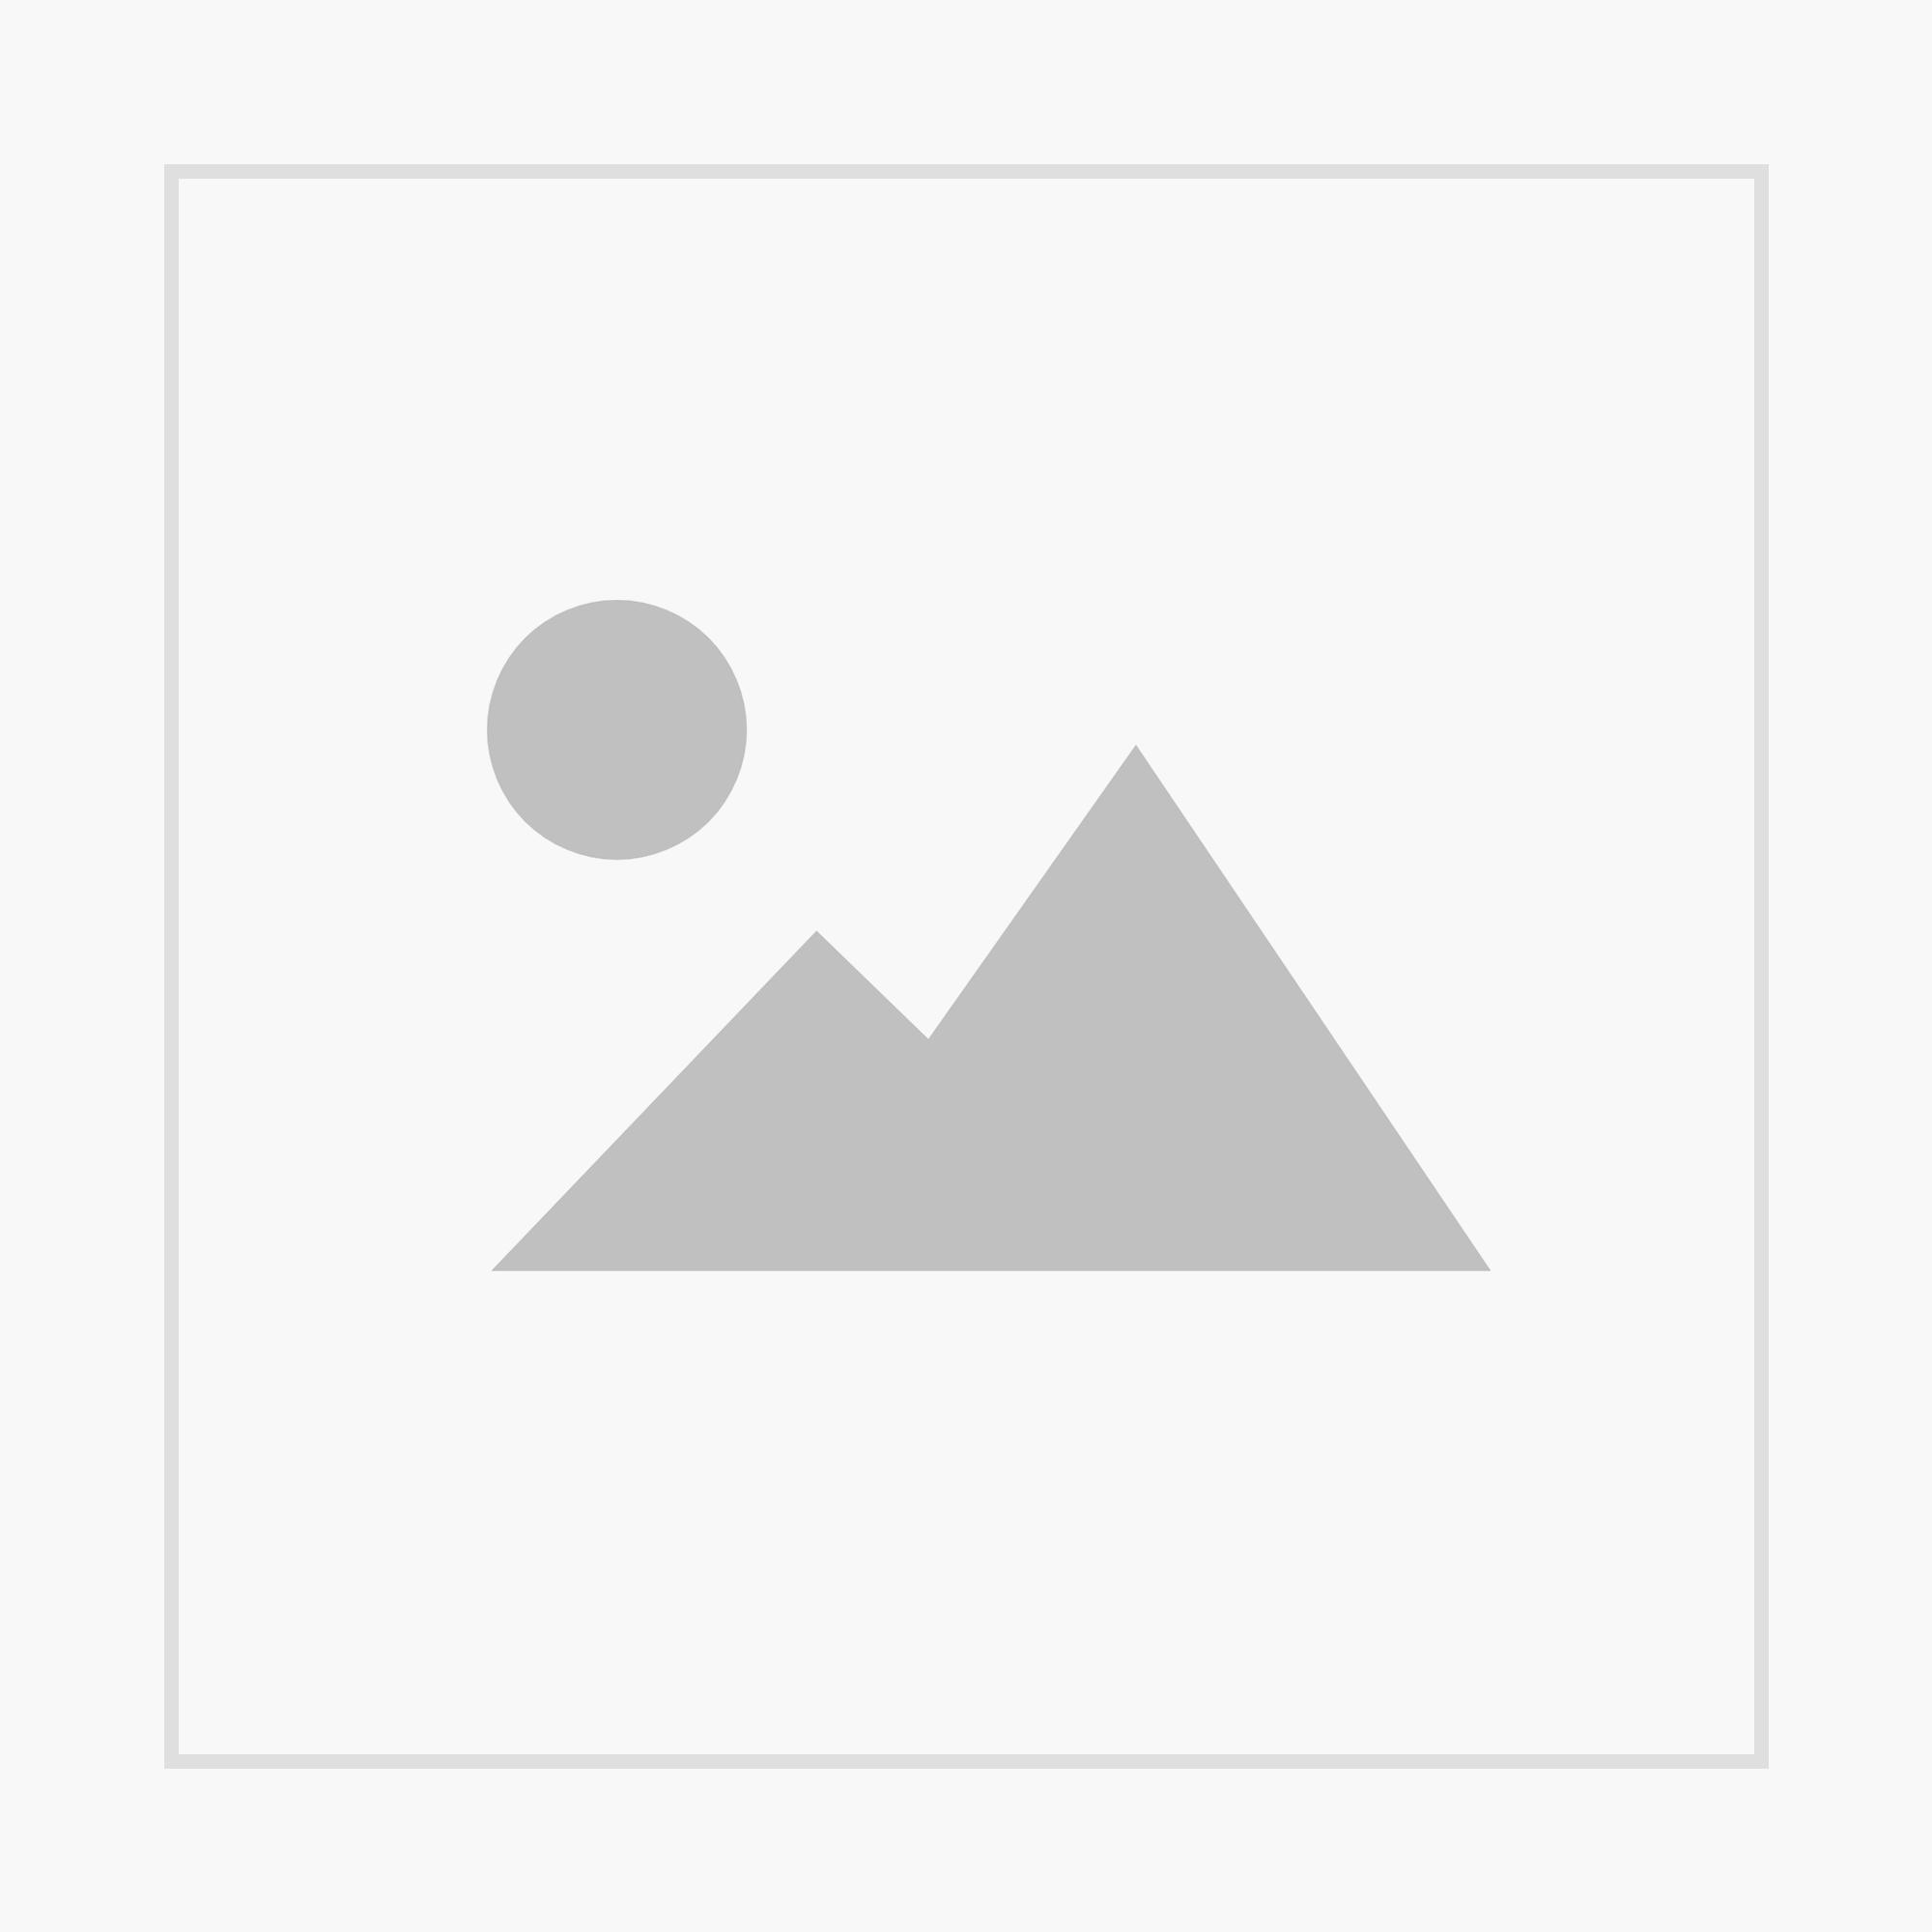 LuN Heft 63: Vorrangflächen, Schutzgebietssysteme und naturschutzfachliche Bewertung großer Räume in Deutschland